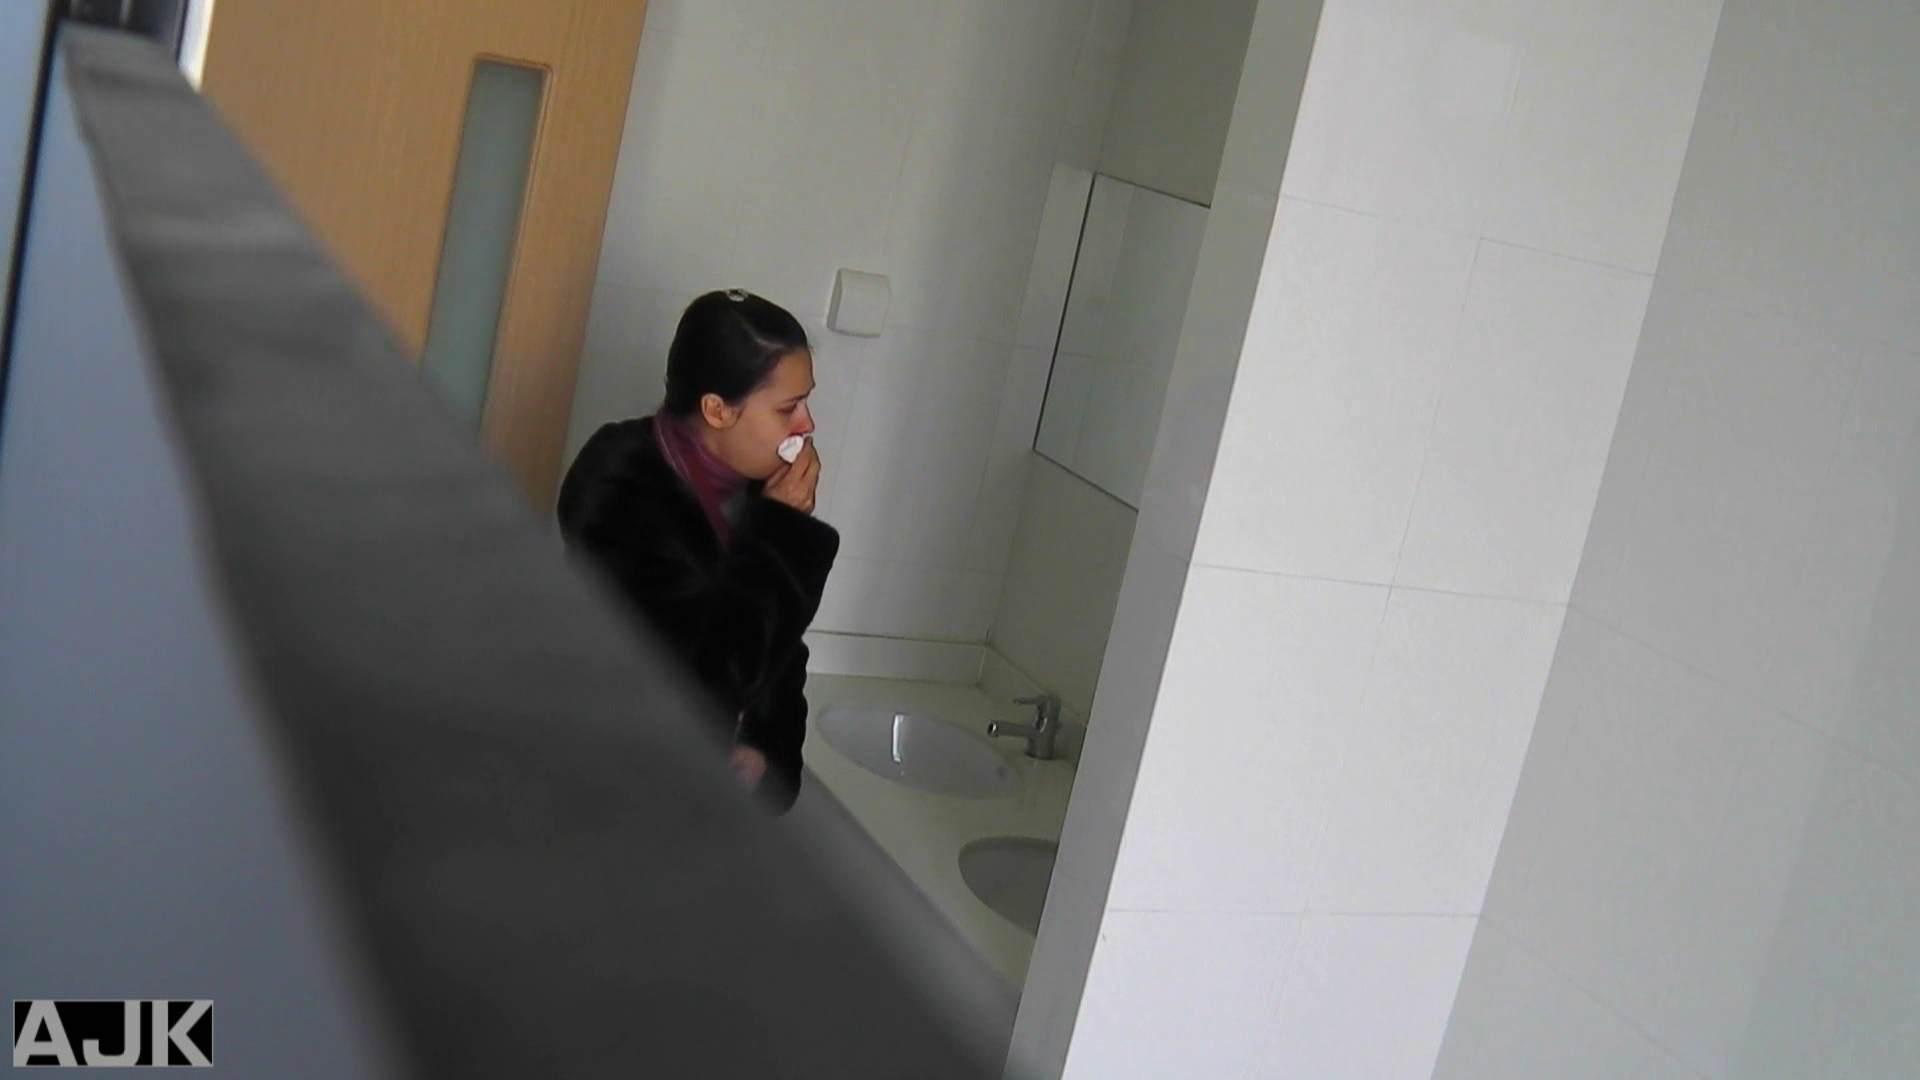 隣国上階級エリアの令嬢たちが集うデパートお手洗い Vol.25 オマンコ・ぱっくり  65画像 11